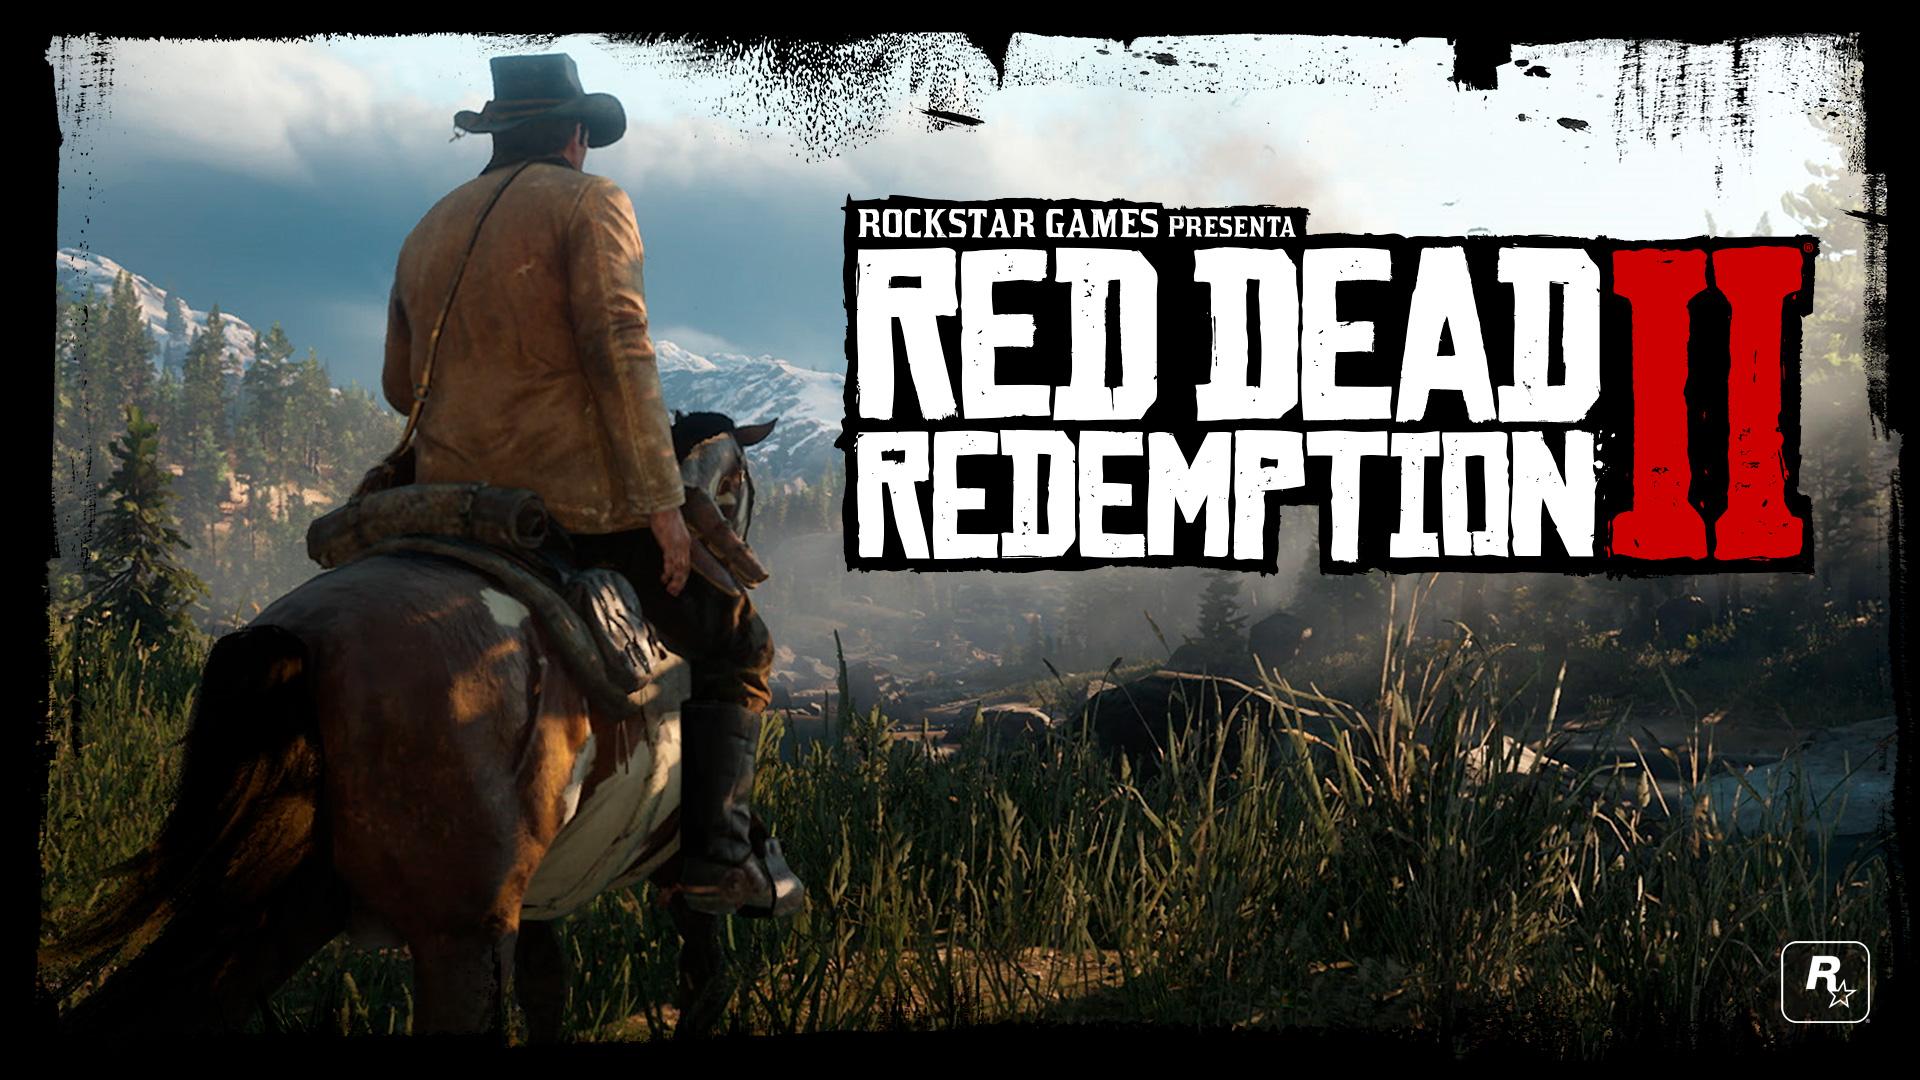 Revelan los personajes de Red Desde Redemption 2 en un nuevo trailer